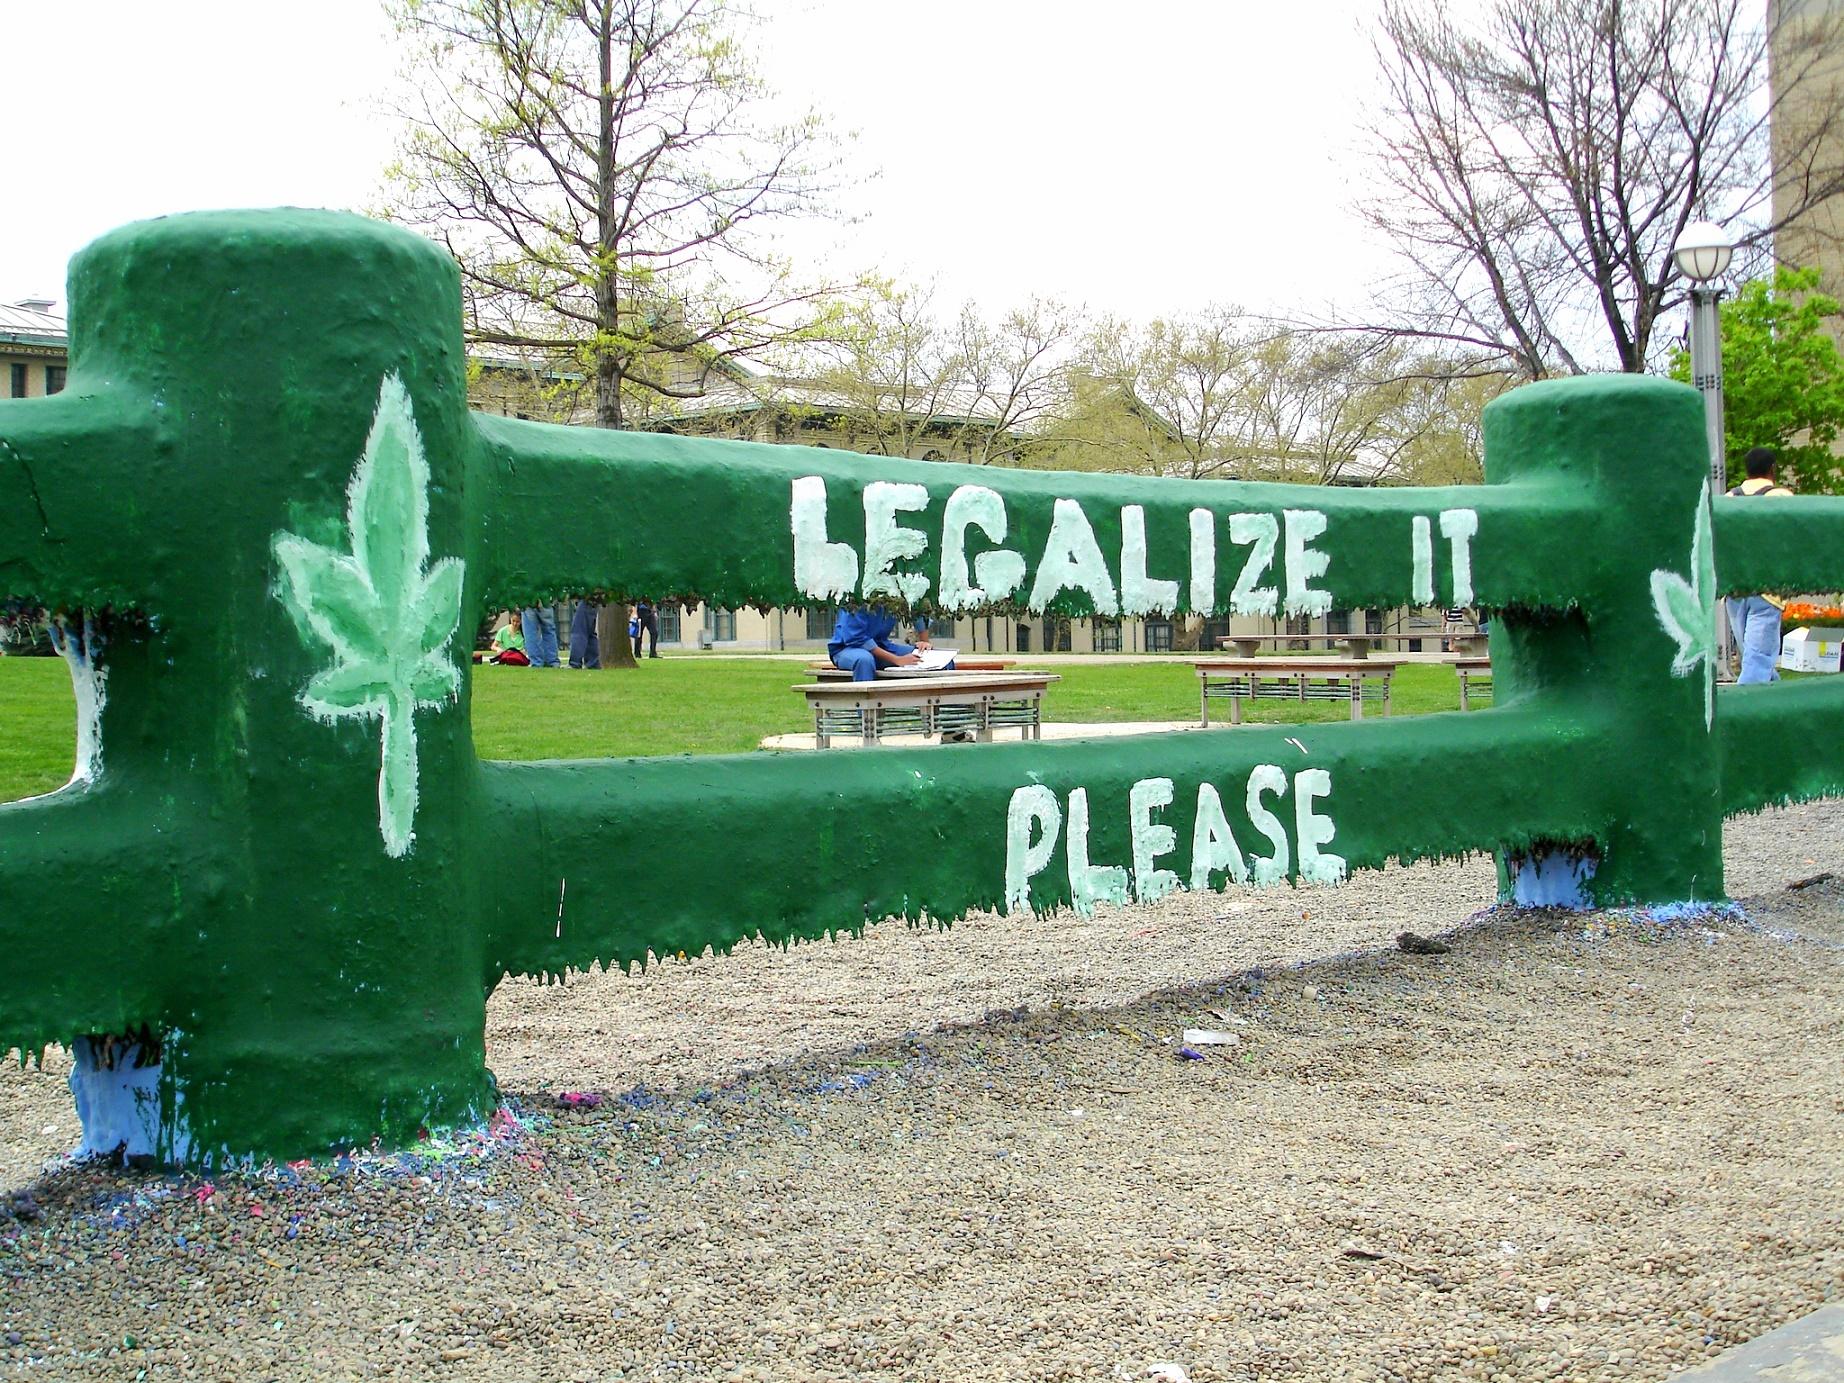 No ano eleitoral de 2016, ou seja, daqui a poucos dias, começará a campanha pela legalização da maconha para fins recreativos em seis estados americanos